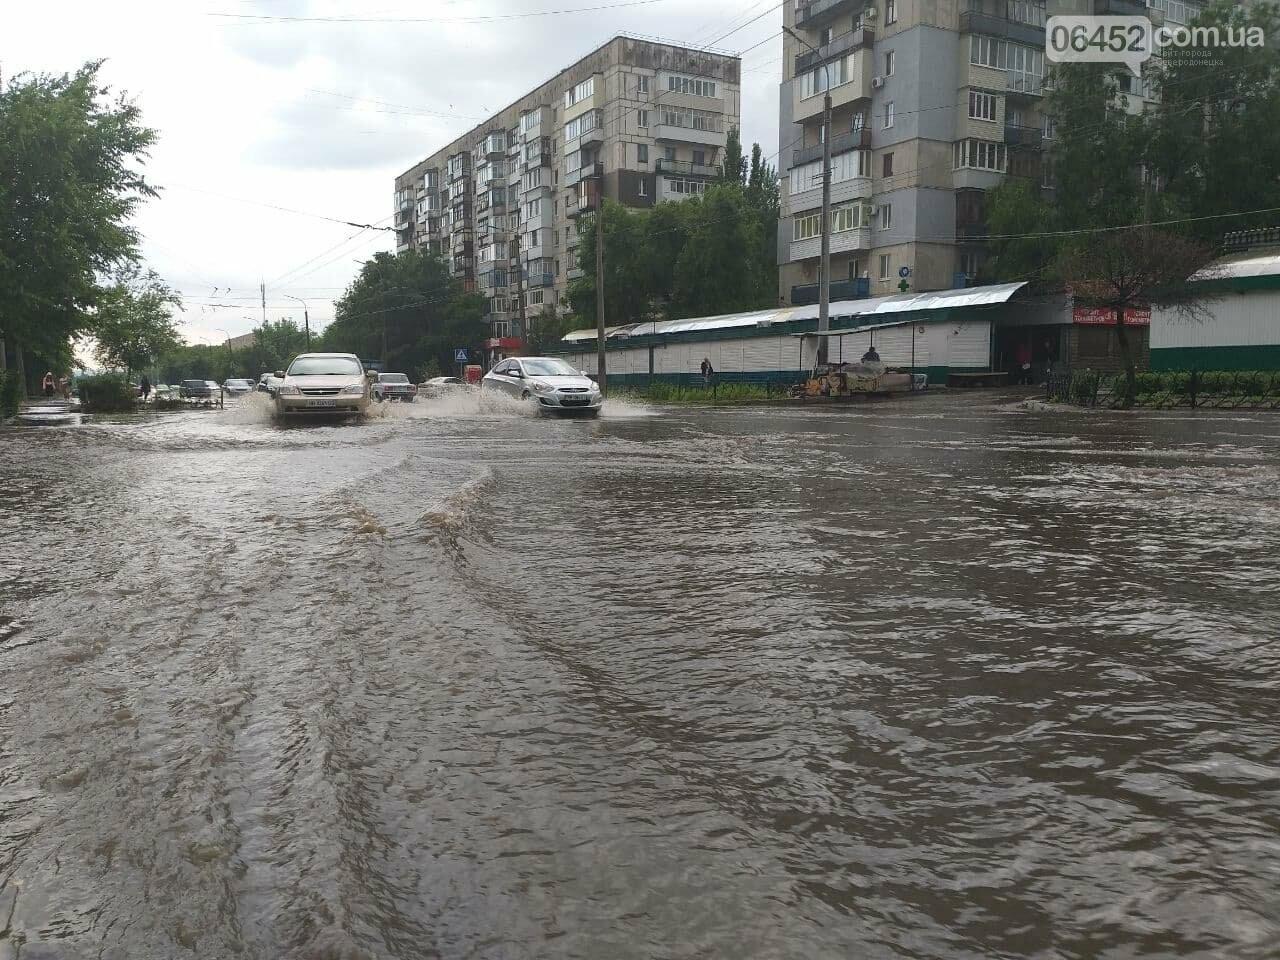 После дождика в четверг: мощный ливень обрушился на Северодонецк и оставил массу проблем, фото-8